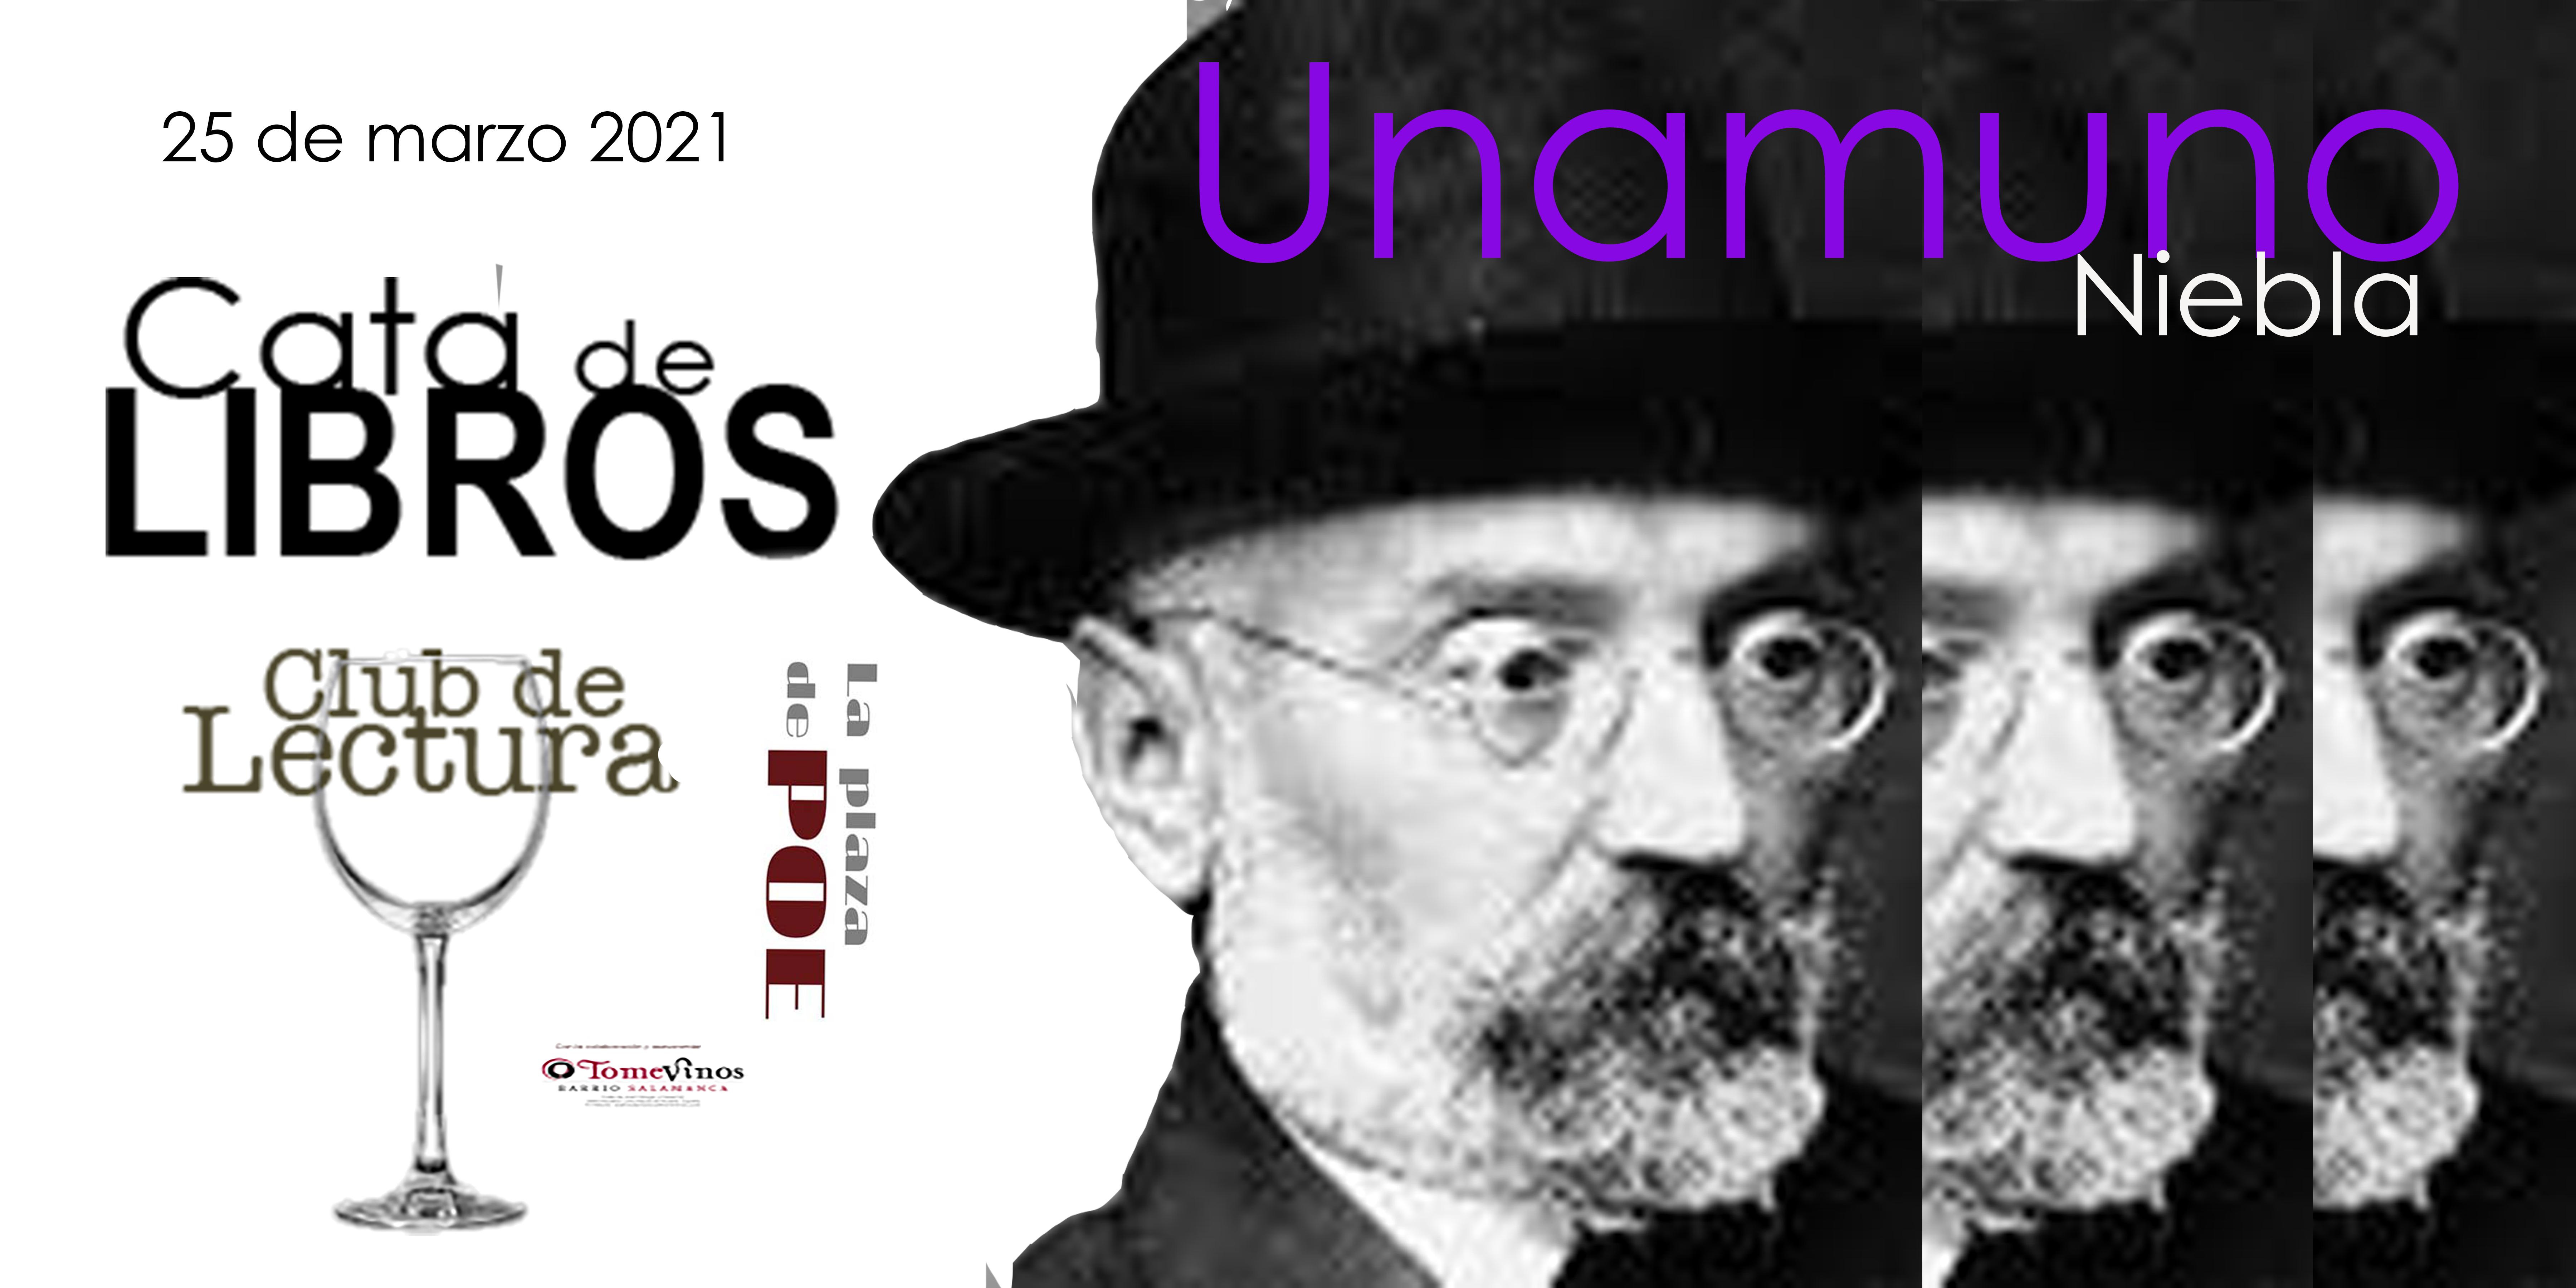 banner-cata-unamuno-niebla-2